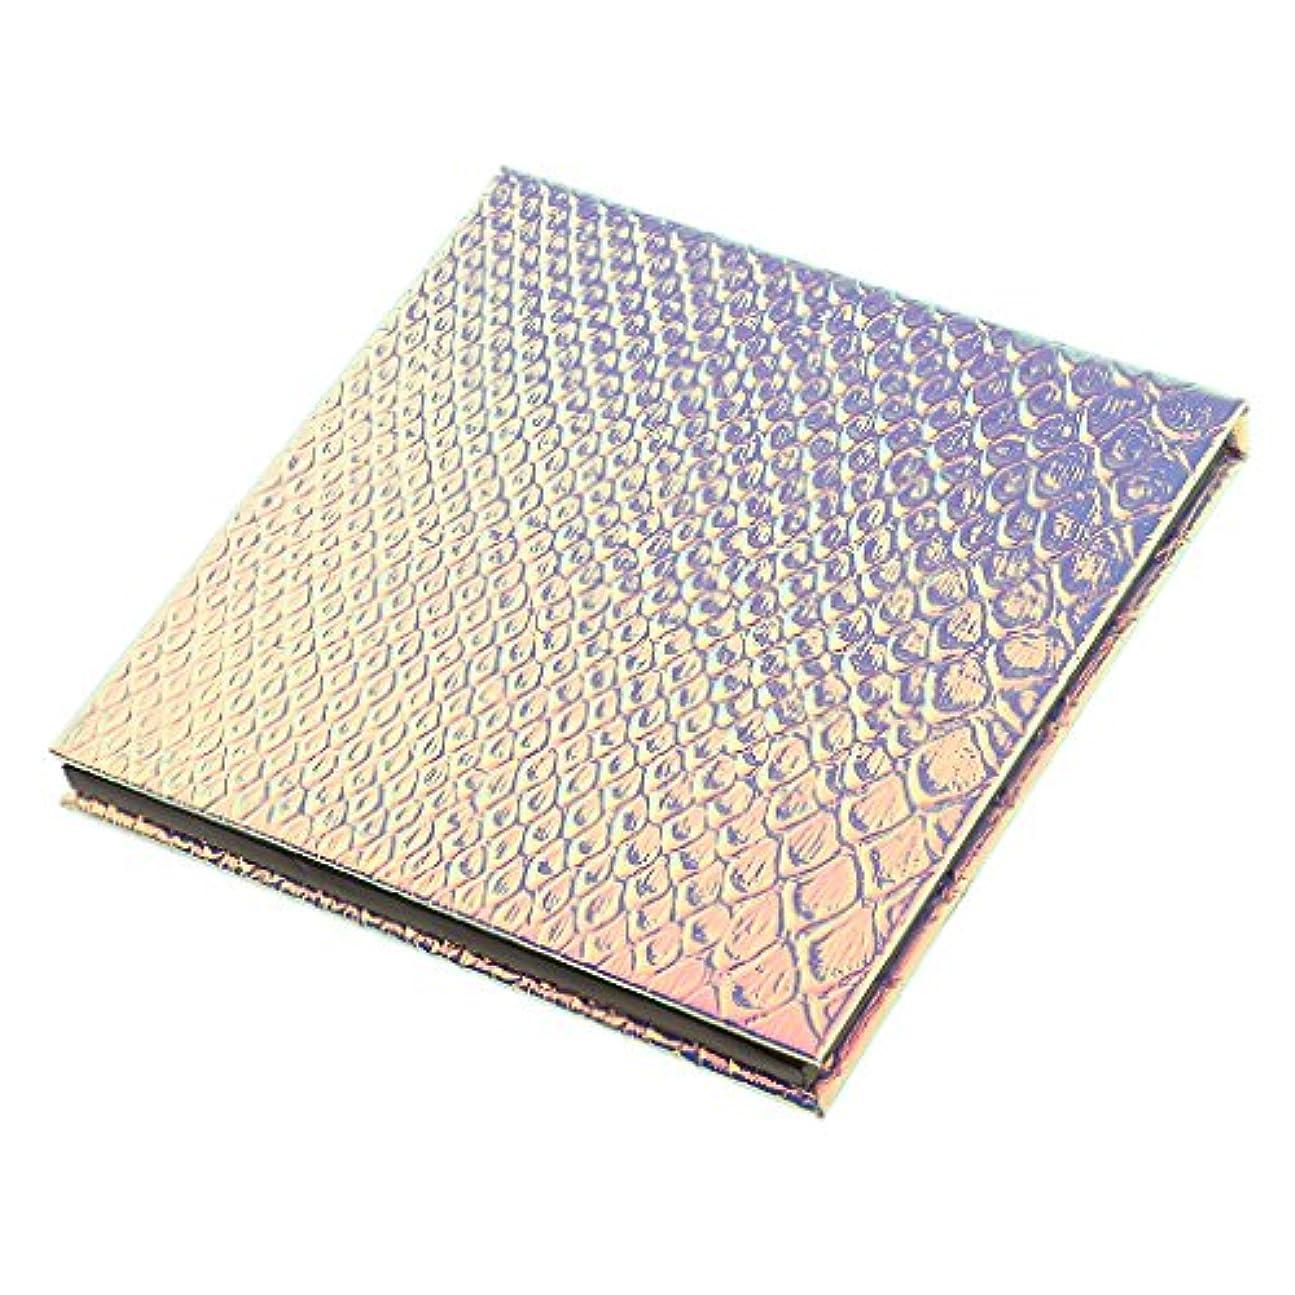 講師プロトタイプ高めるBaosity 磁気パレットボックス 空の磁気パレット メイクアップ 化粧 コスメ 収納 ボックス 全2サイズ選べ - 10x10cm